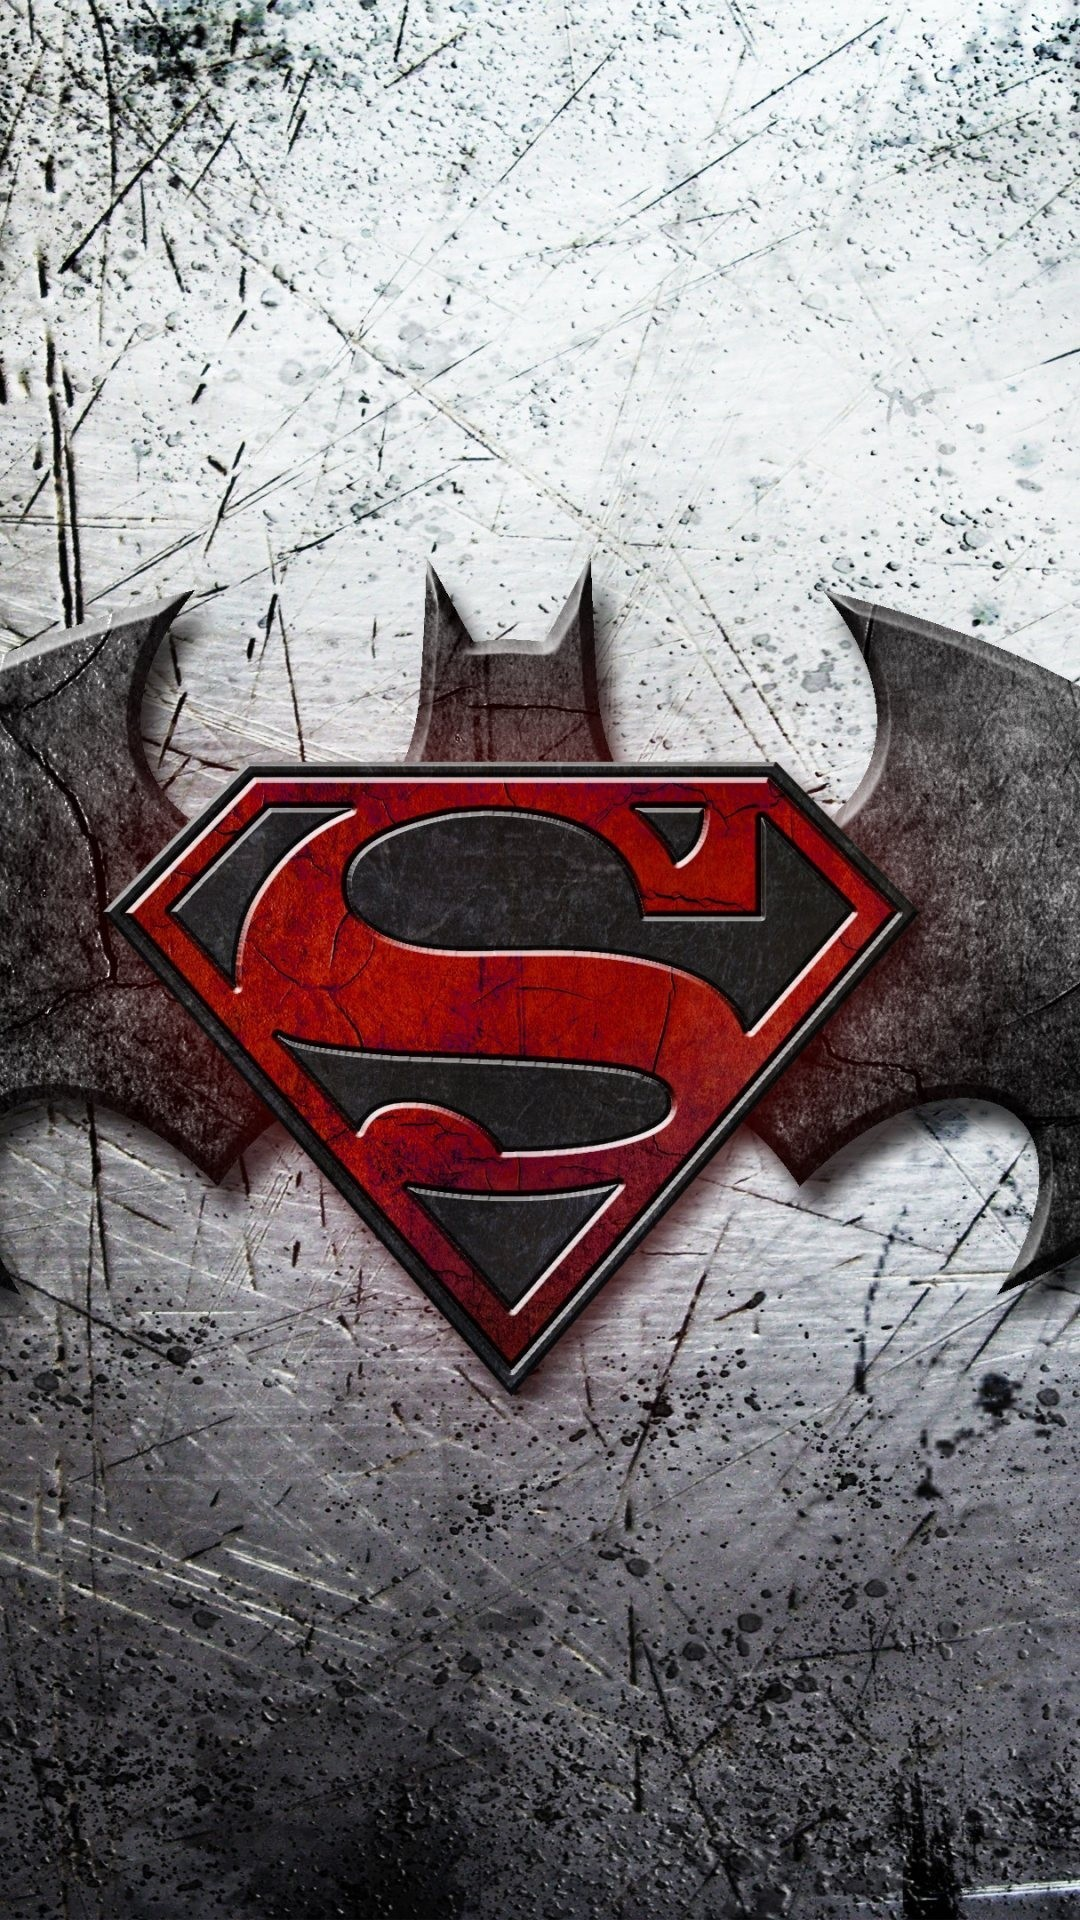 Batman Vs Superman Wallpaper Iphone 7 - HD Wallpaper